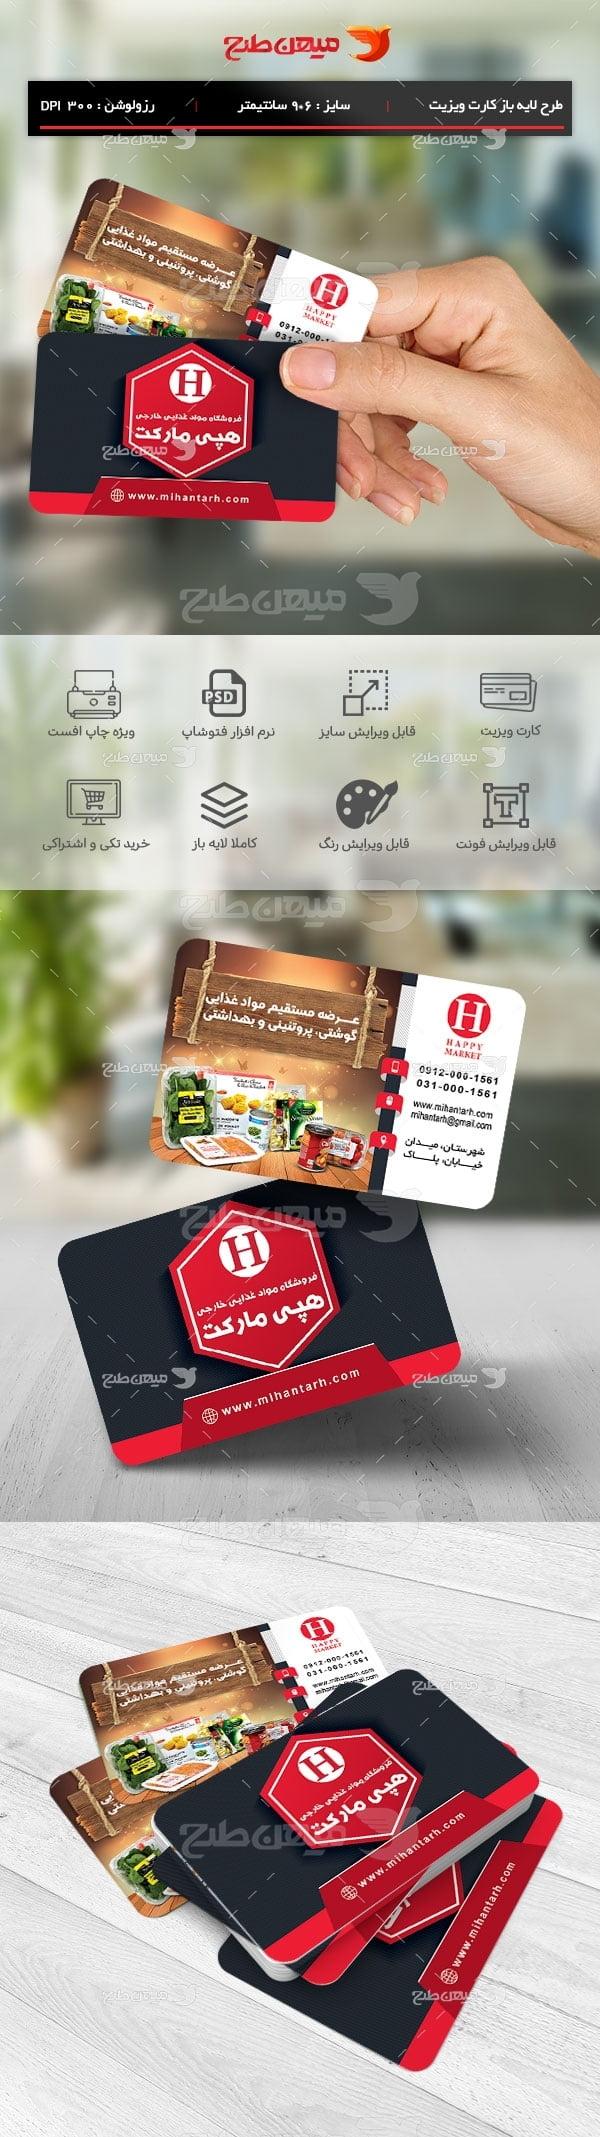 طرح لایه باز کارت ویزیت فروشگاه مواد غذایی خارجی و سوپر مارکت